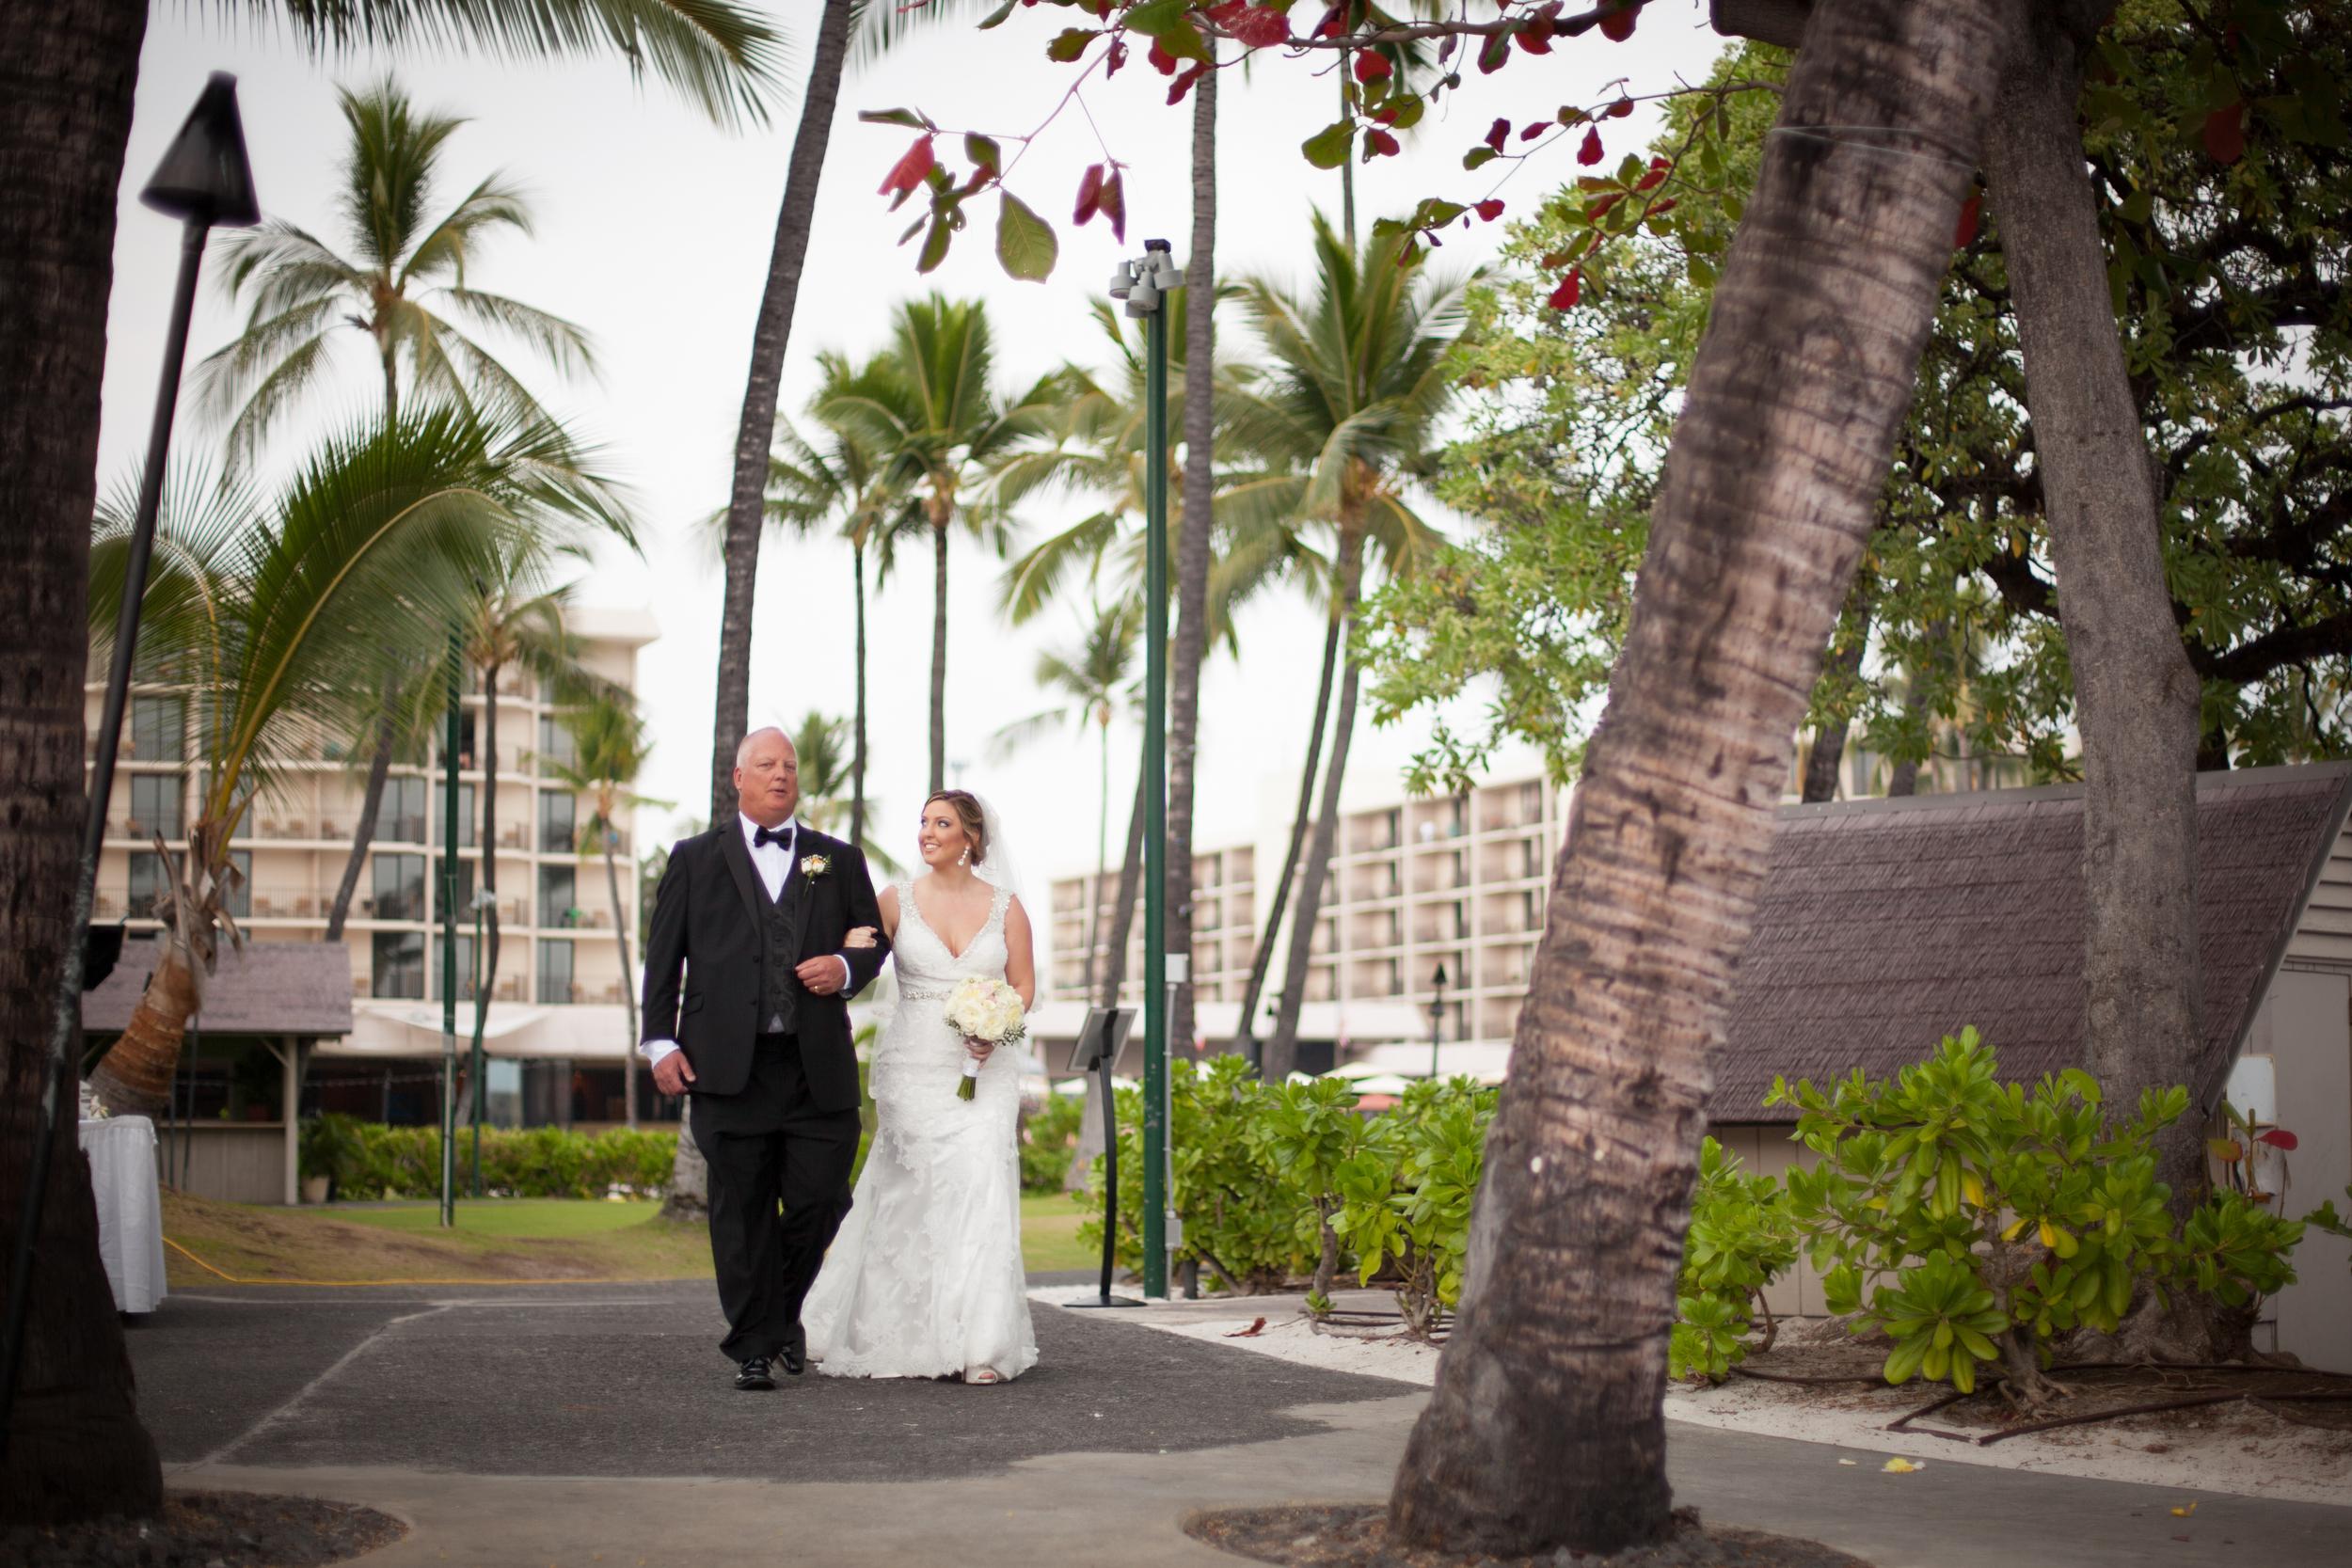 big island hawaii mauna lani resort wedding © kelilina photography 20160214170338-1.jpg